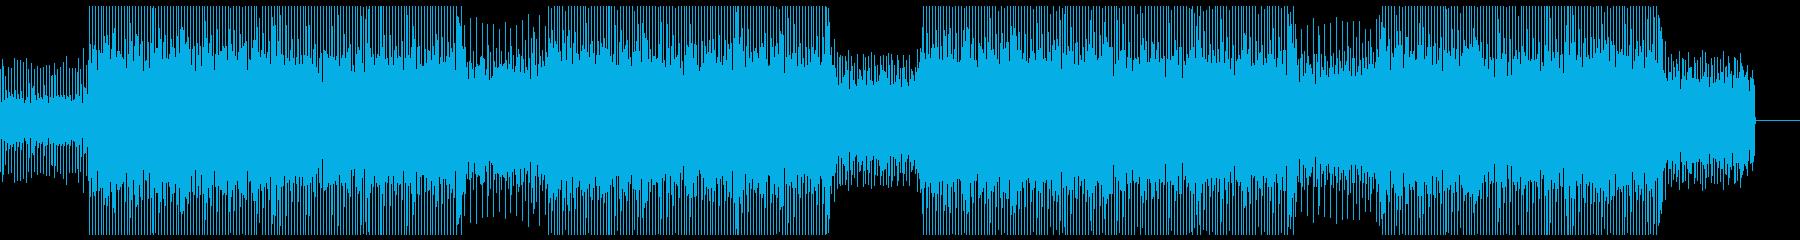 人気のある電子機器 新世紀エレクト...の再生済みの波形